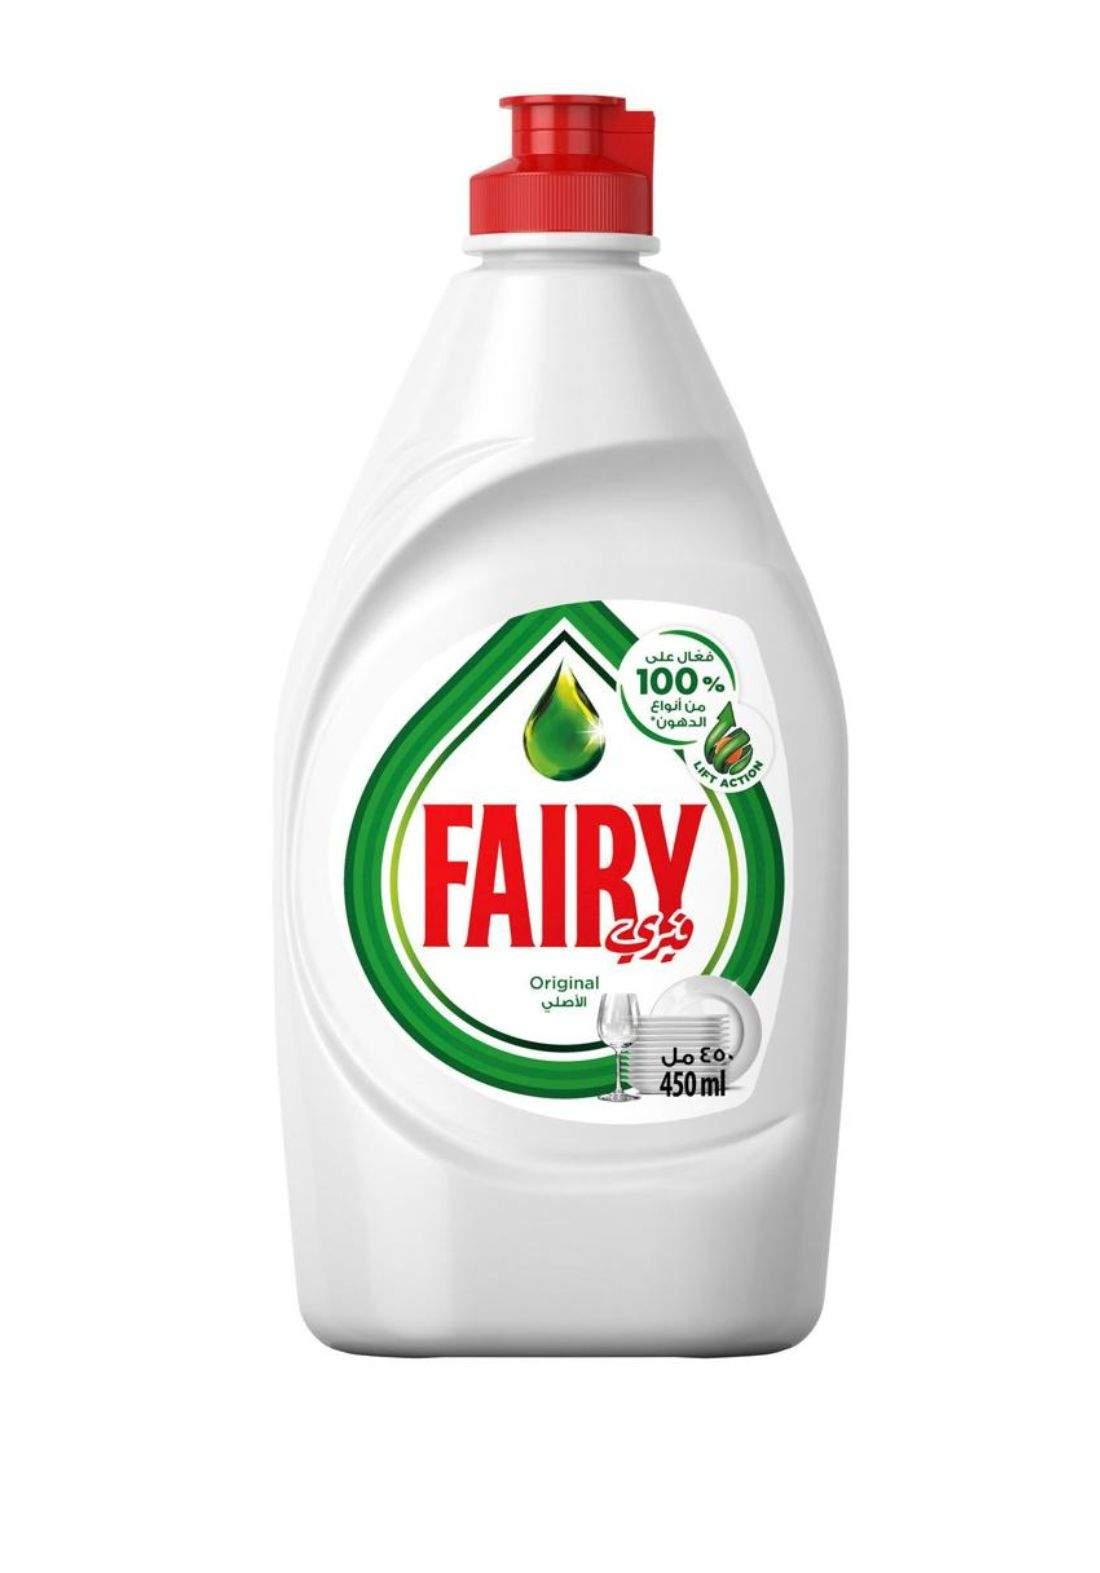 Fairy Dish-washing Liquid 450ml فيري سائل غسيل الصحون